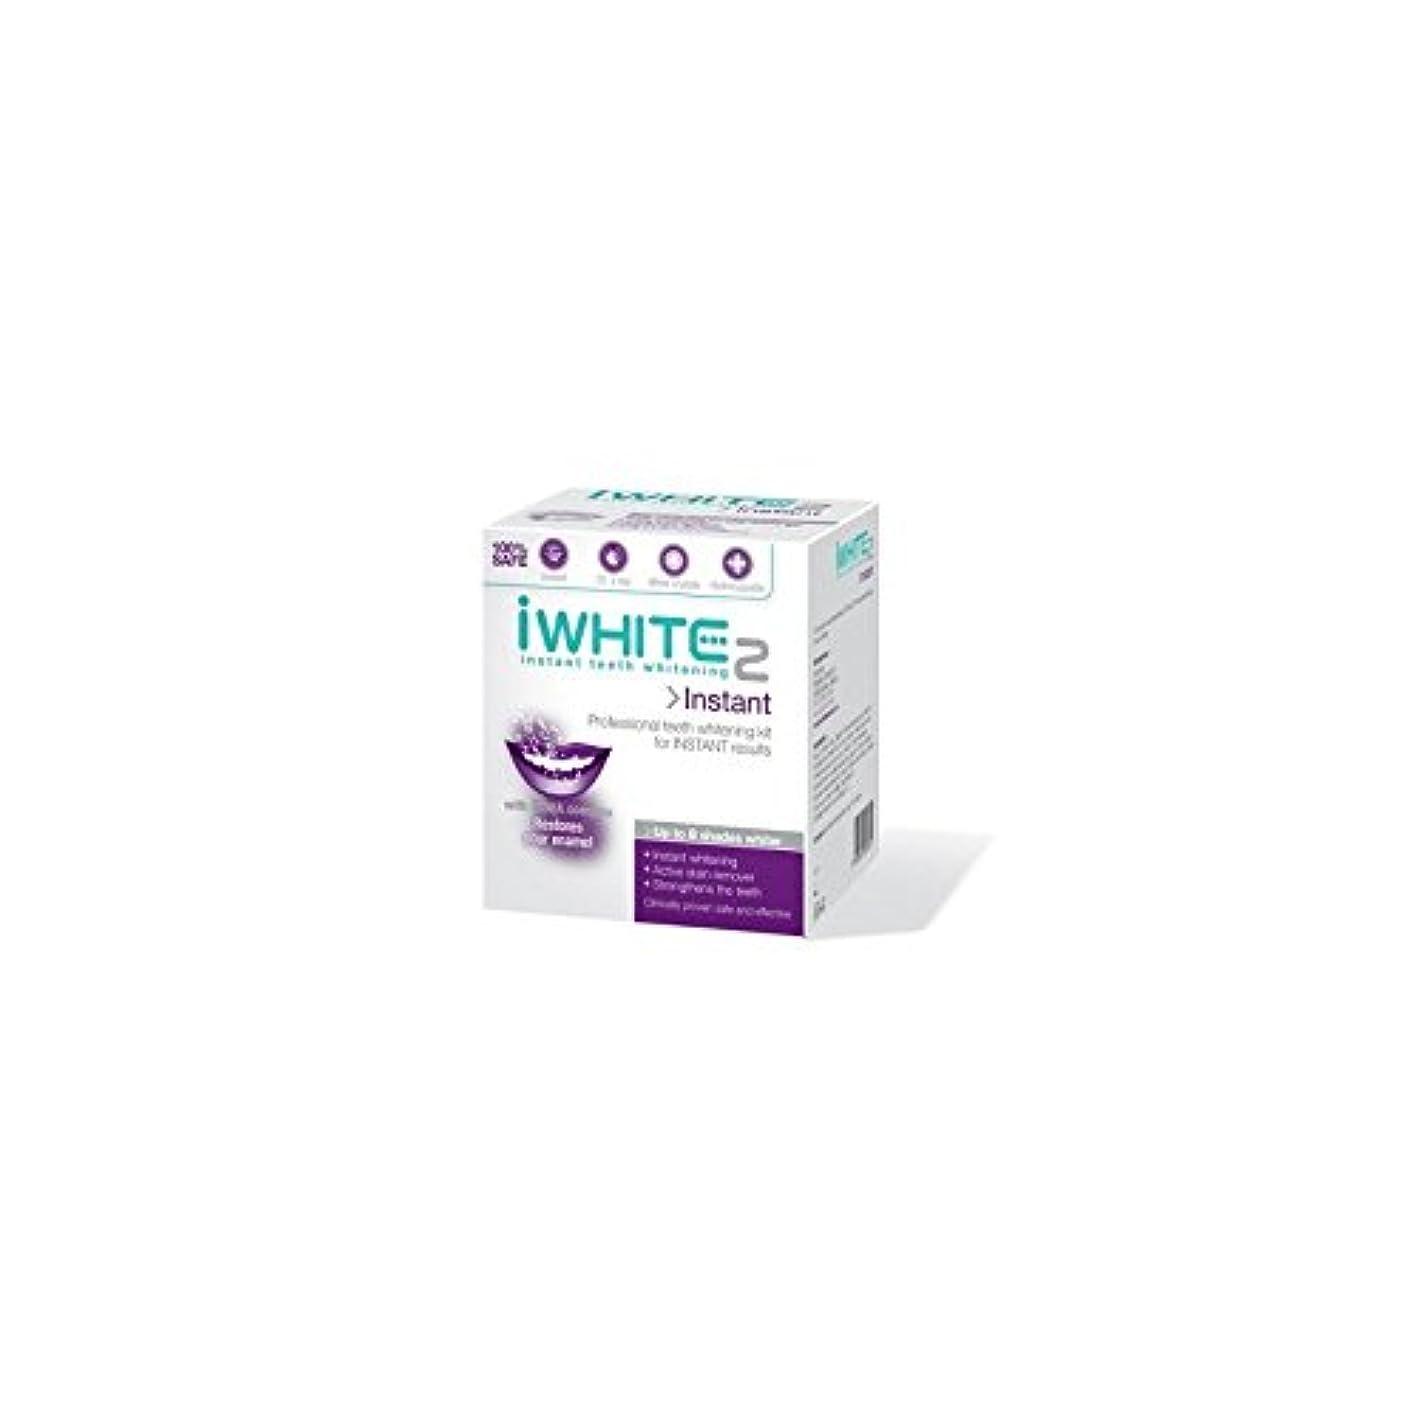 パイロット出身地一見iWhite Instant 2 Professional Teeth Whitening Kit (10 Trays) - インスタントキットを白く2本のプロ歯(10トレイ) [並行輸入品]